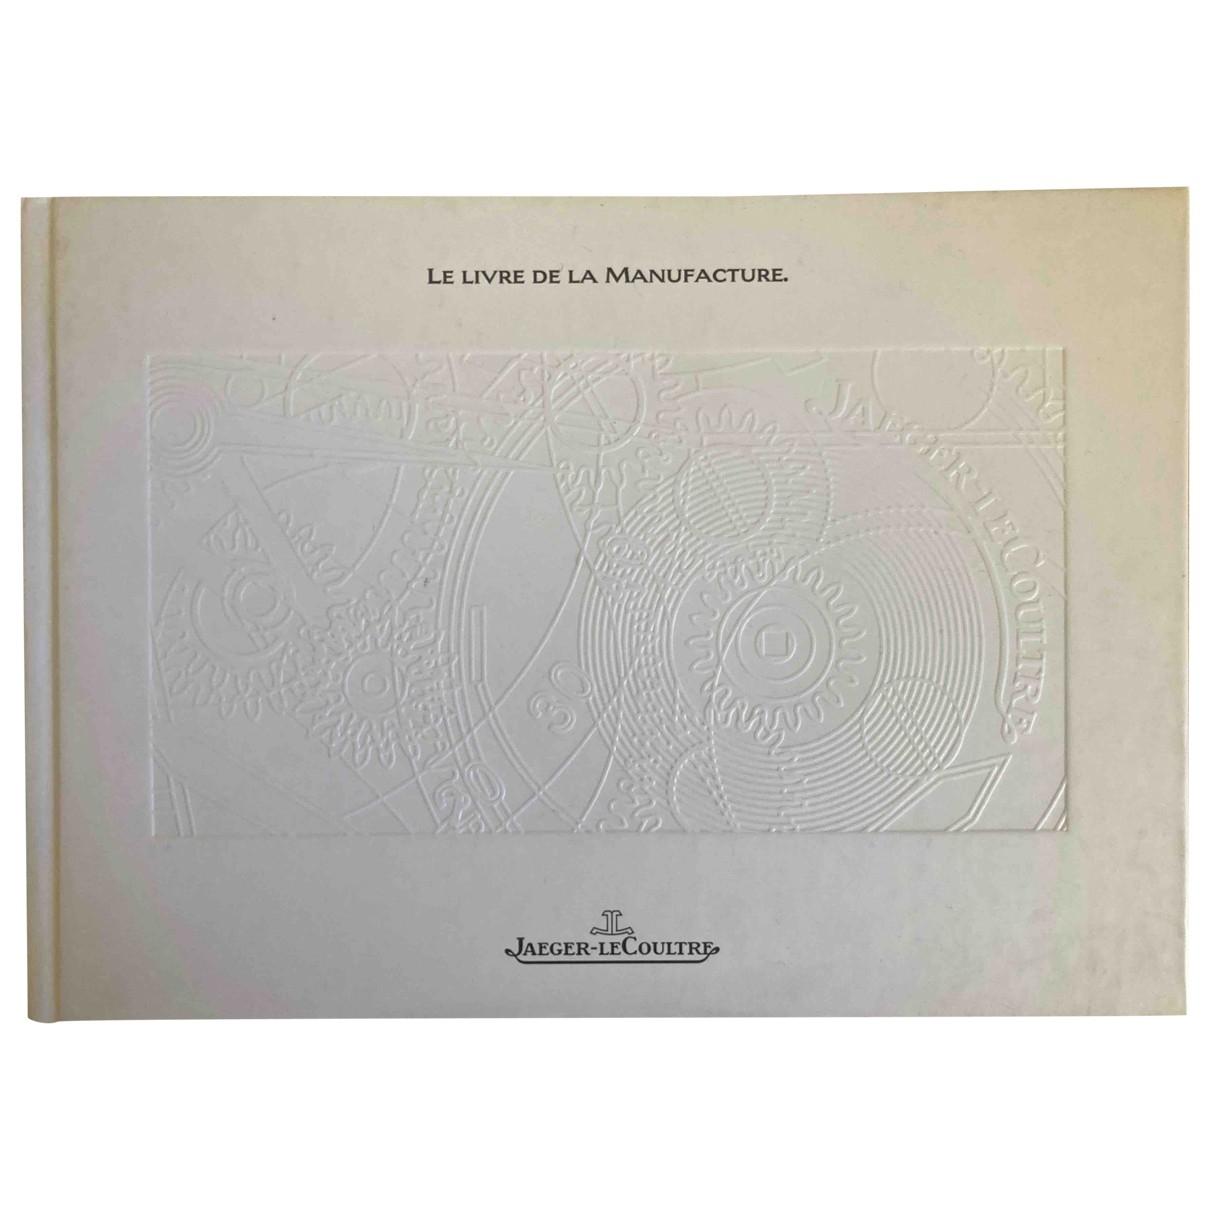 Jaeger-lecoultre - Photographie   pour lifestyle en coton - blanc